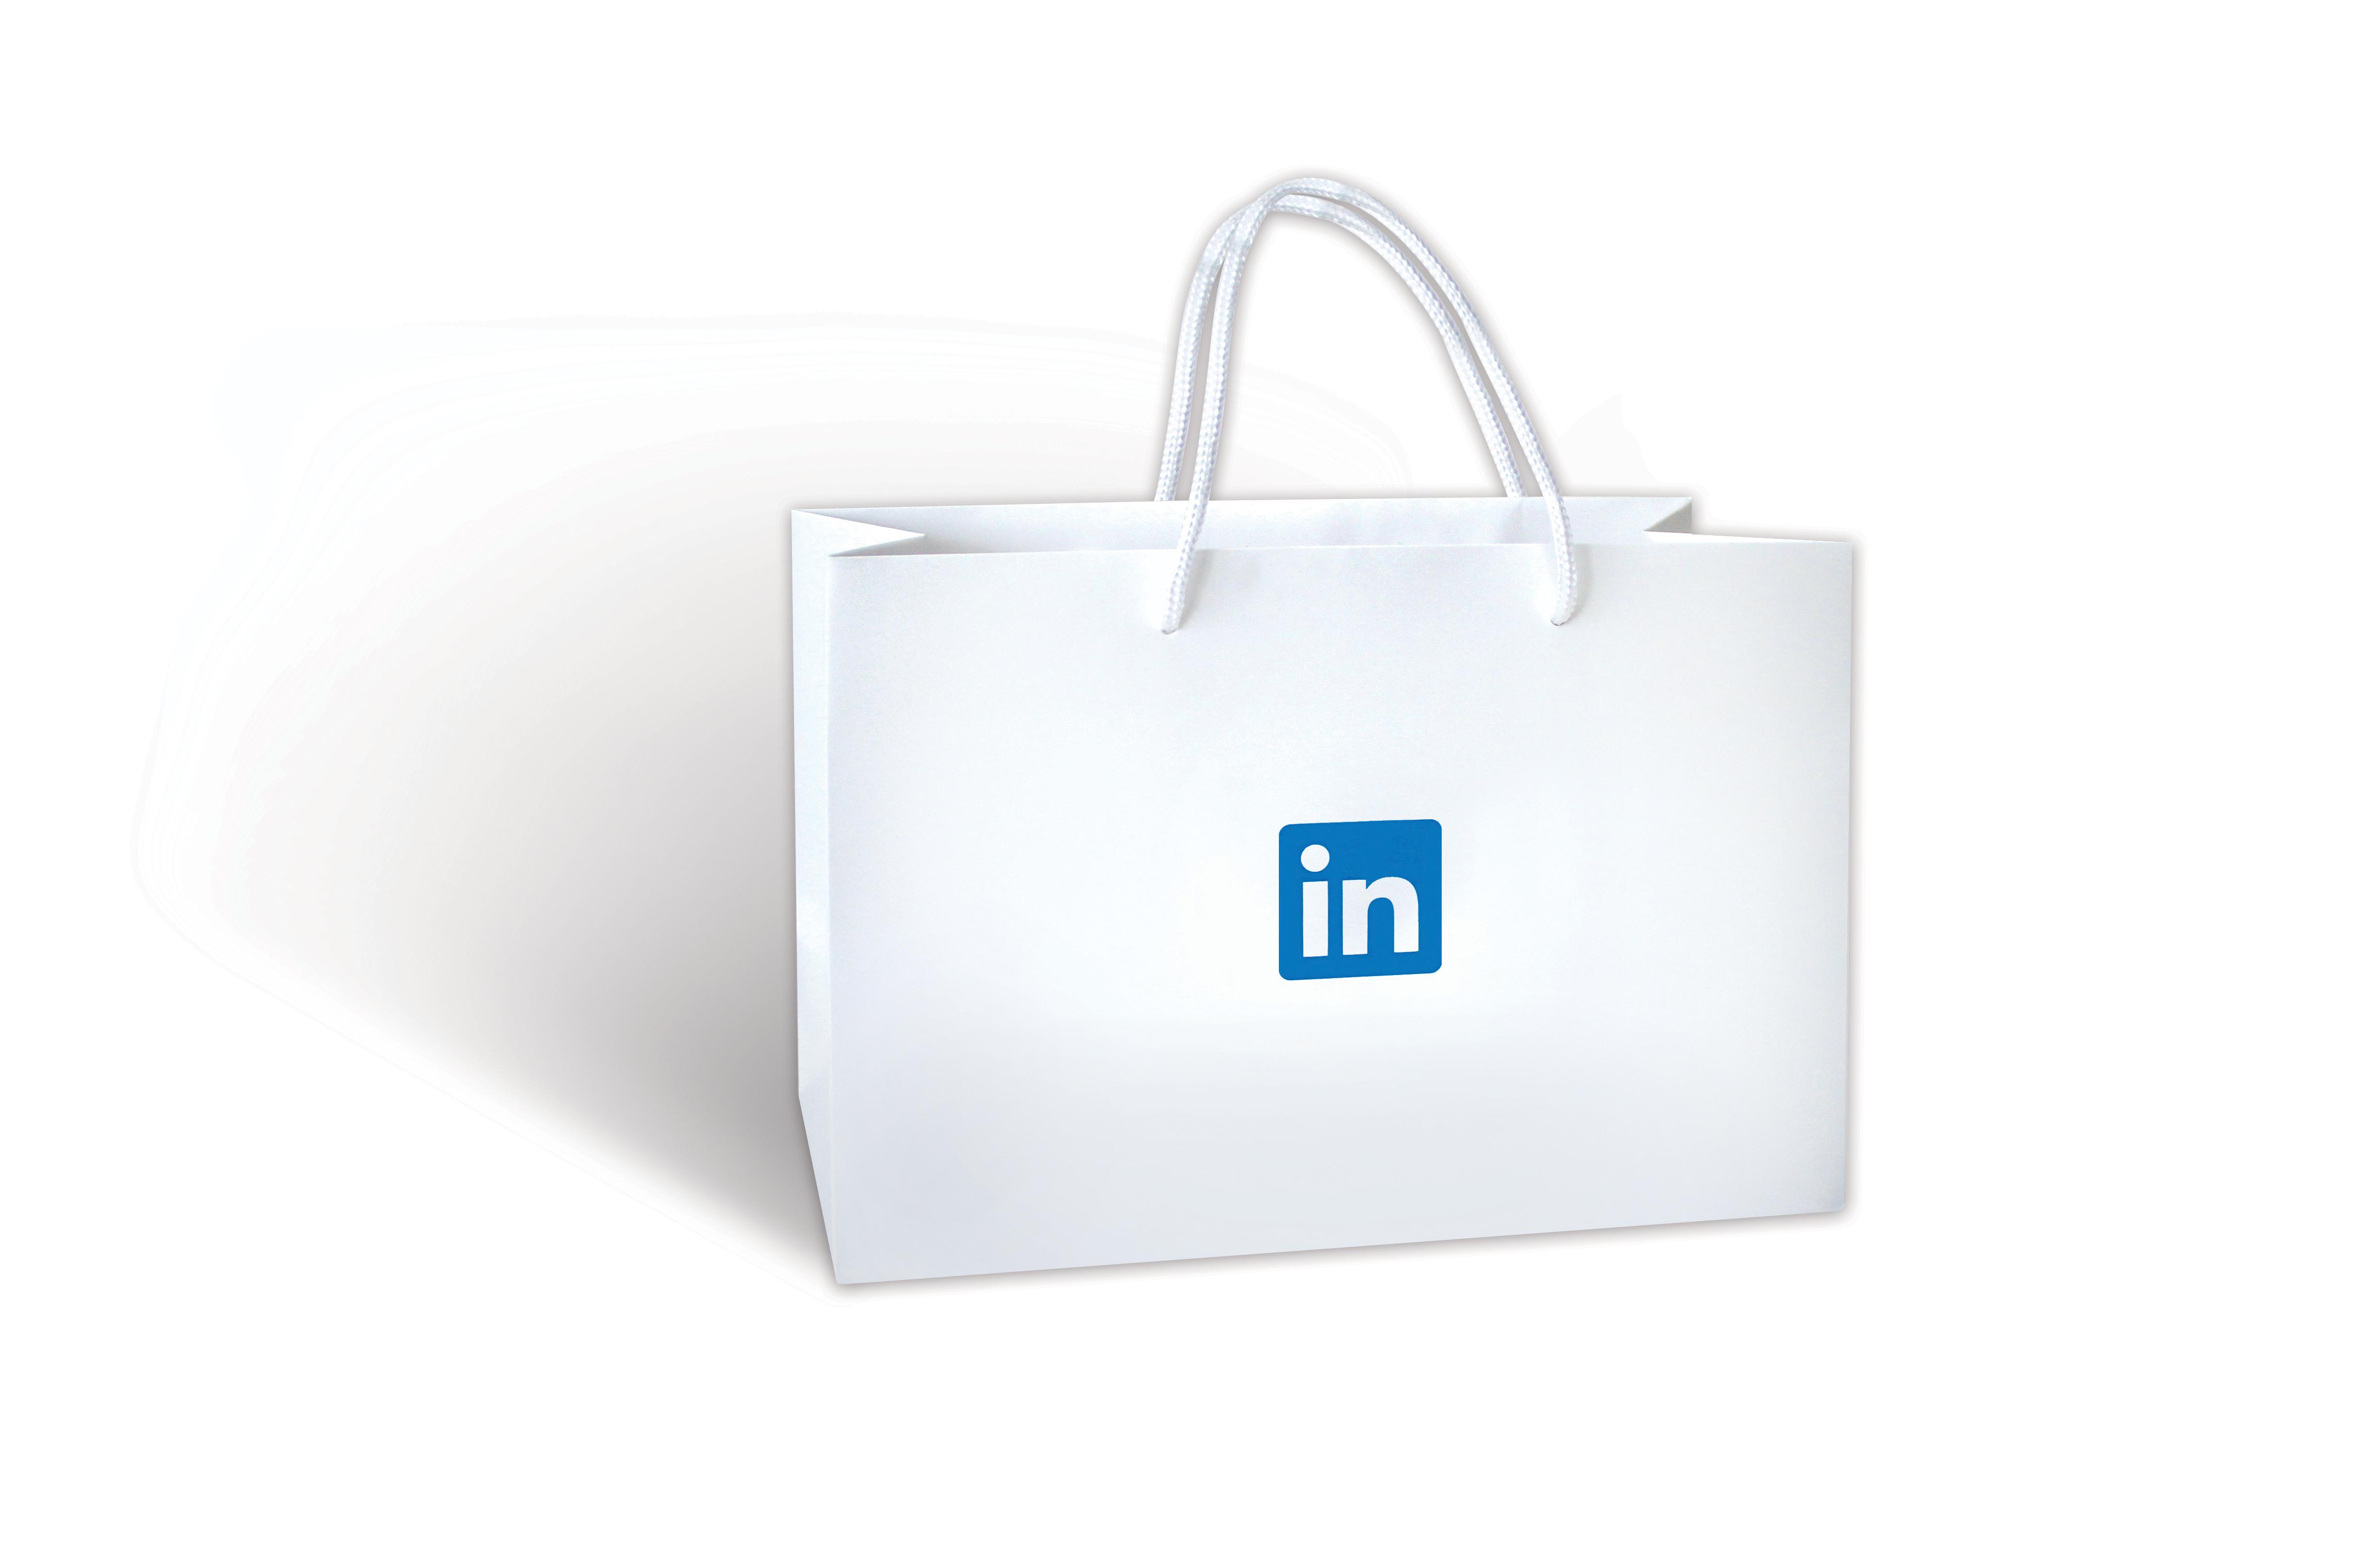 Gift & Premium - Paper Bag 03